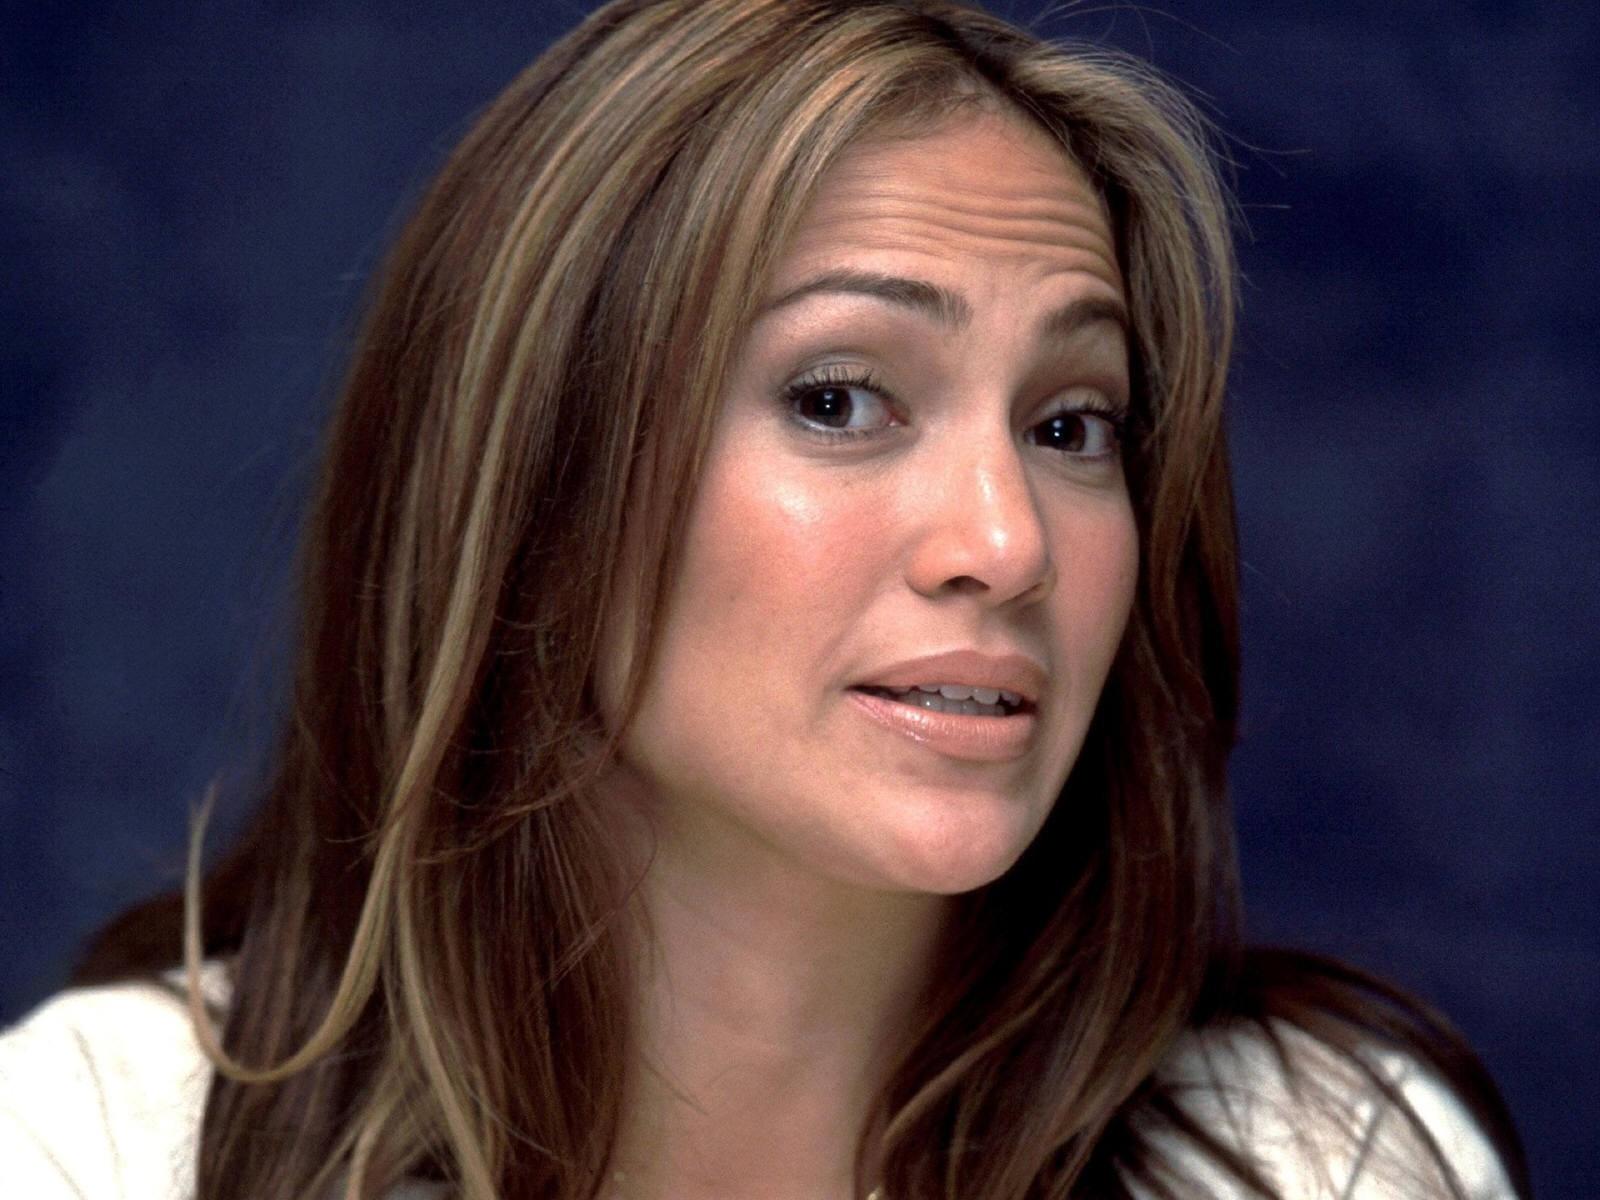 Wallpaper dell'attrice e cantante latina Jennifer Lopez